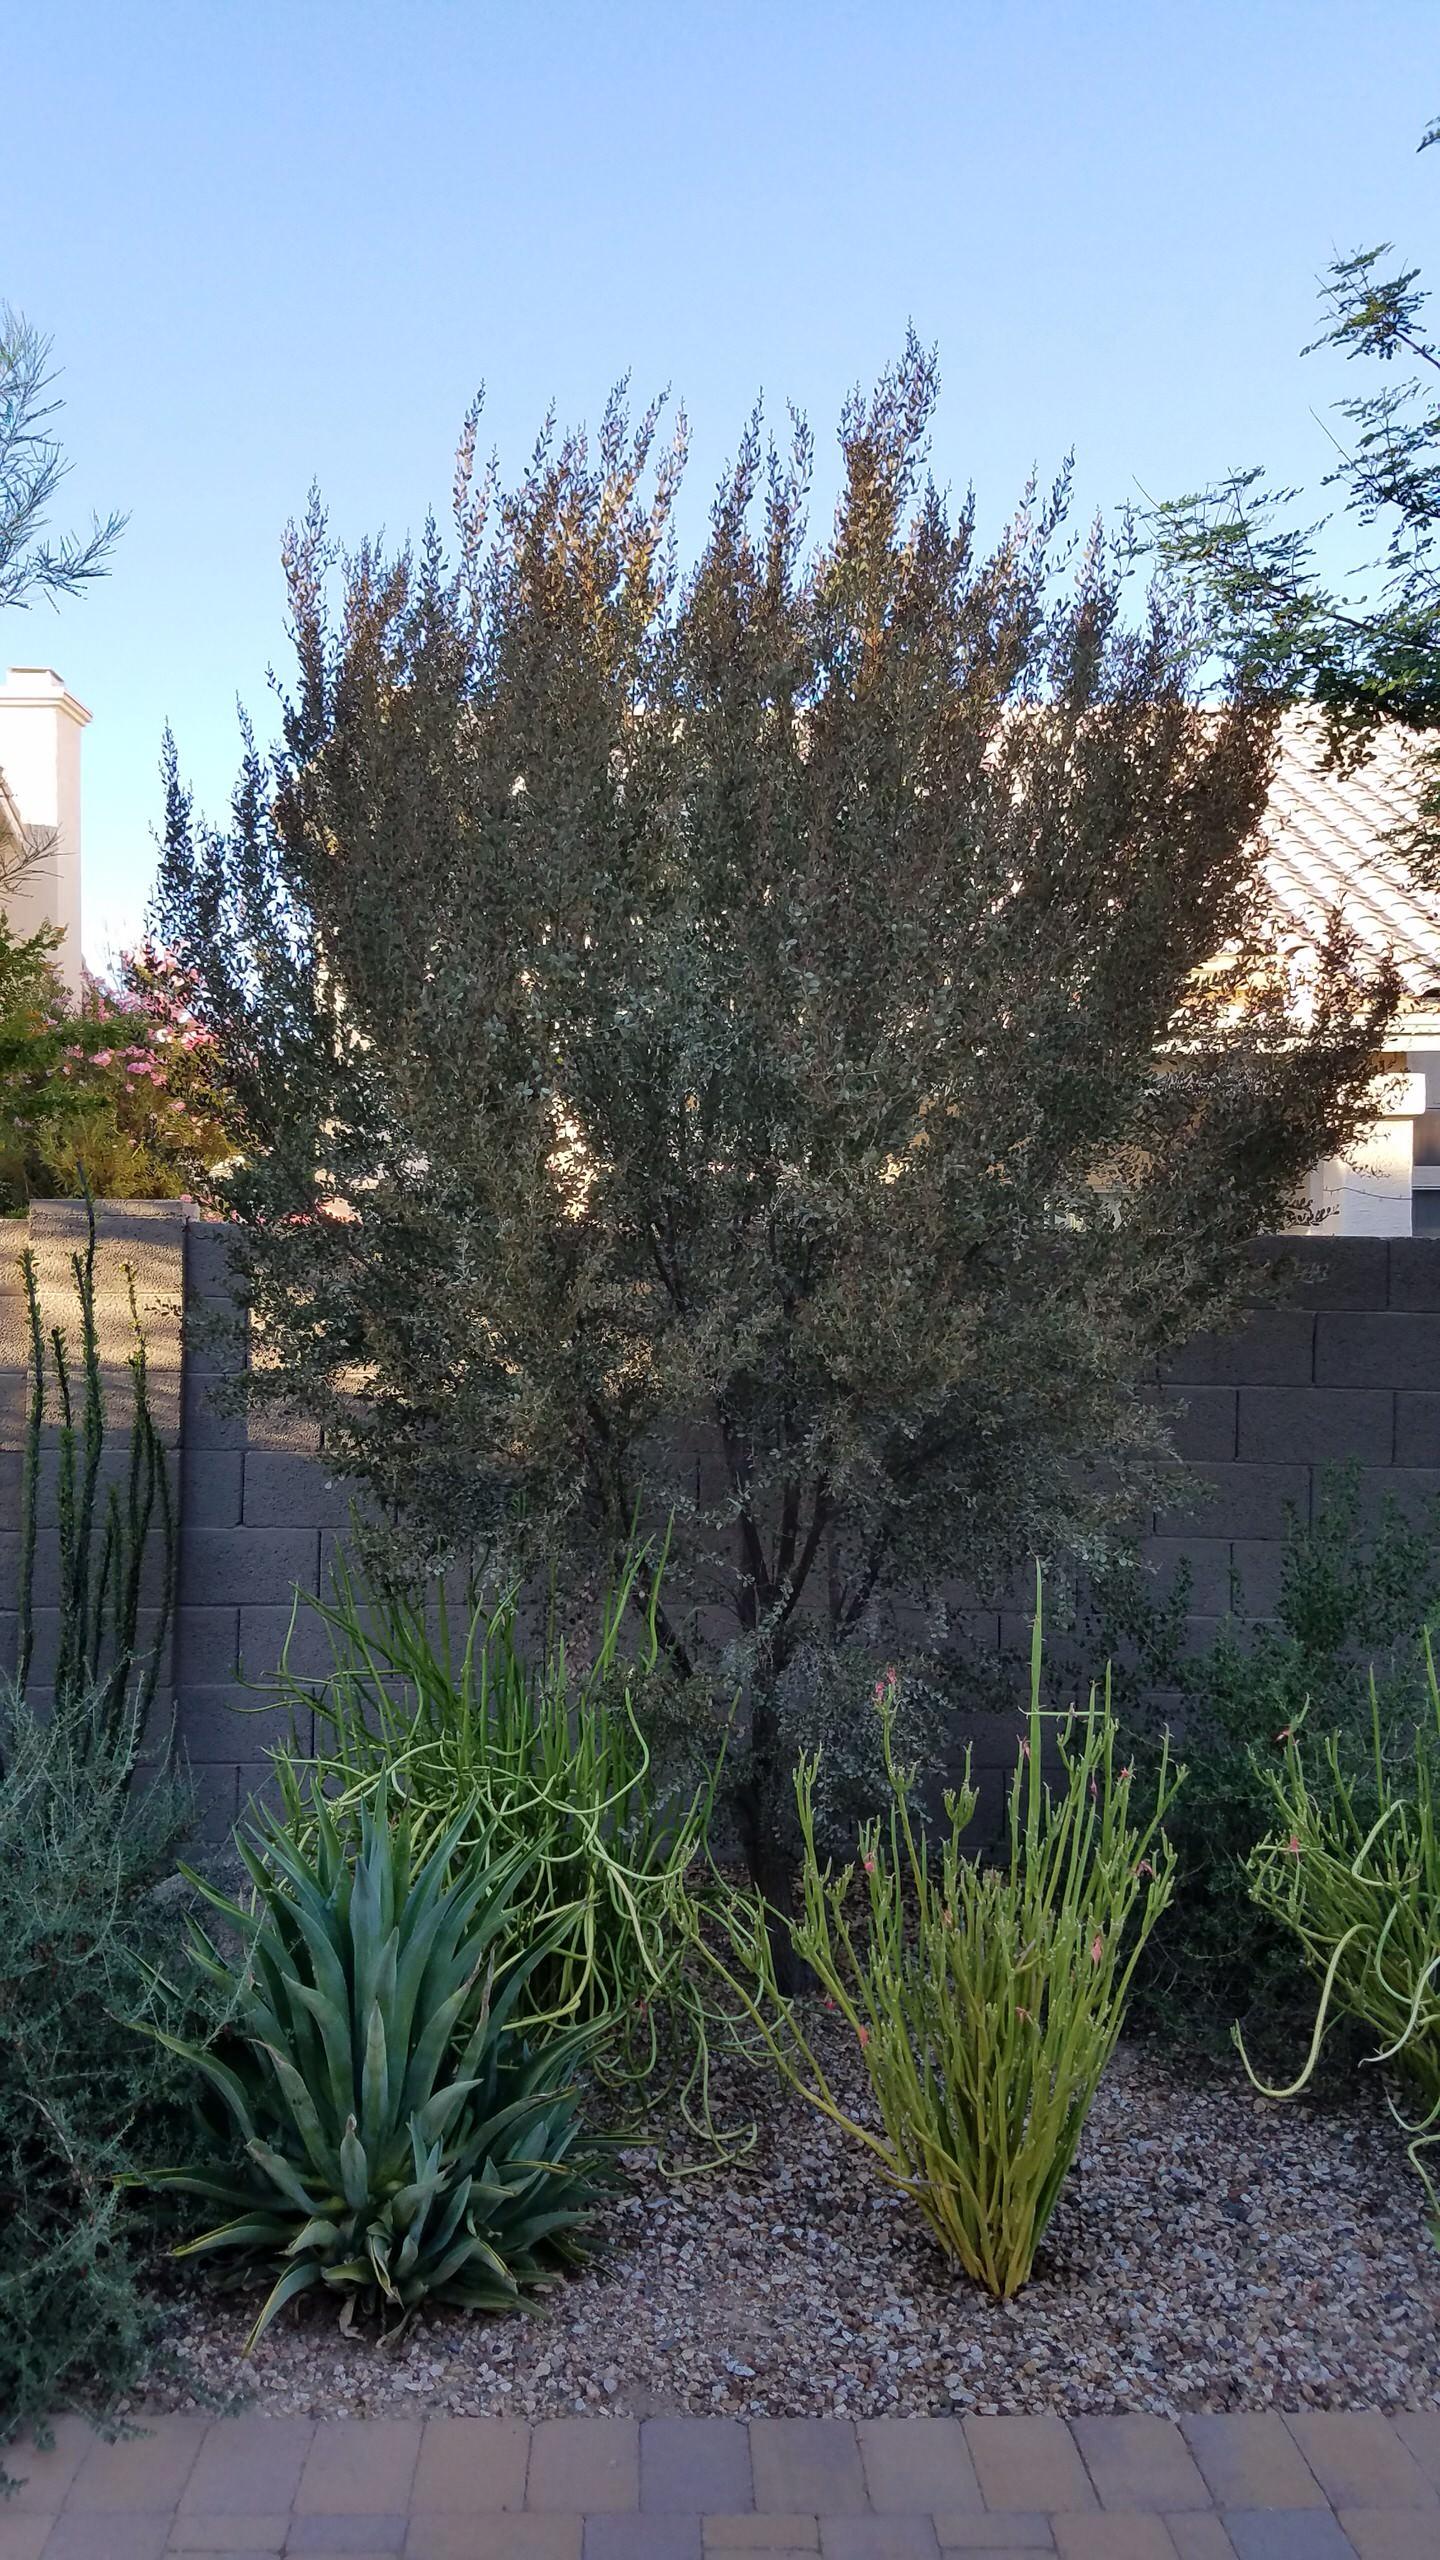 Plantings - 4 years